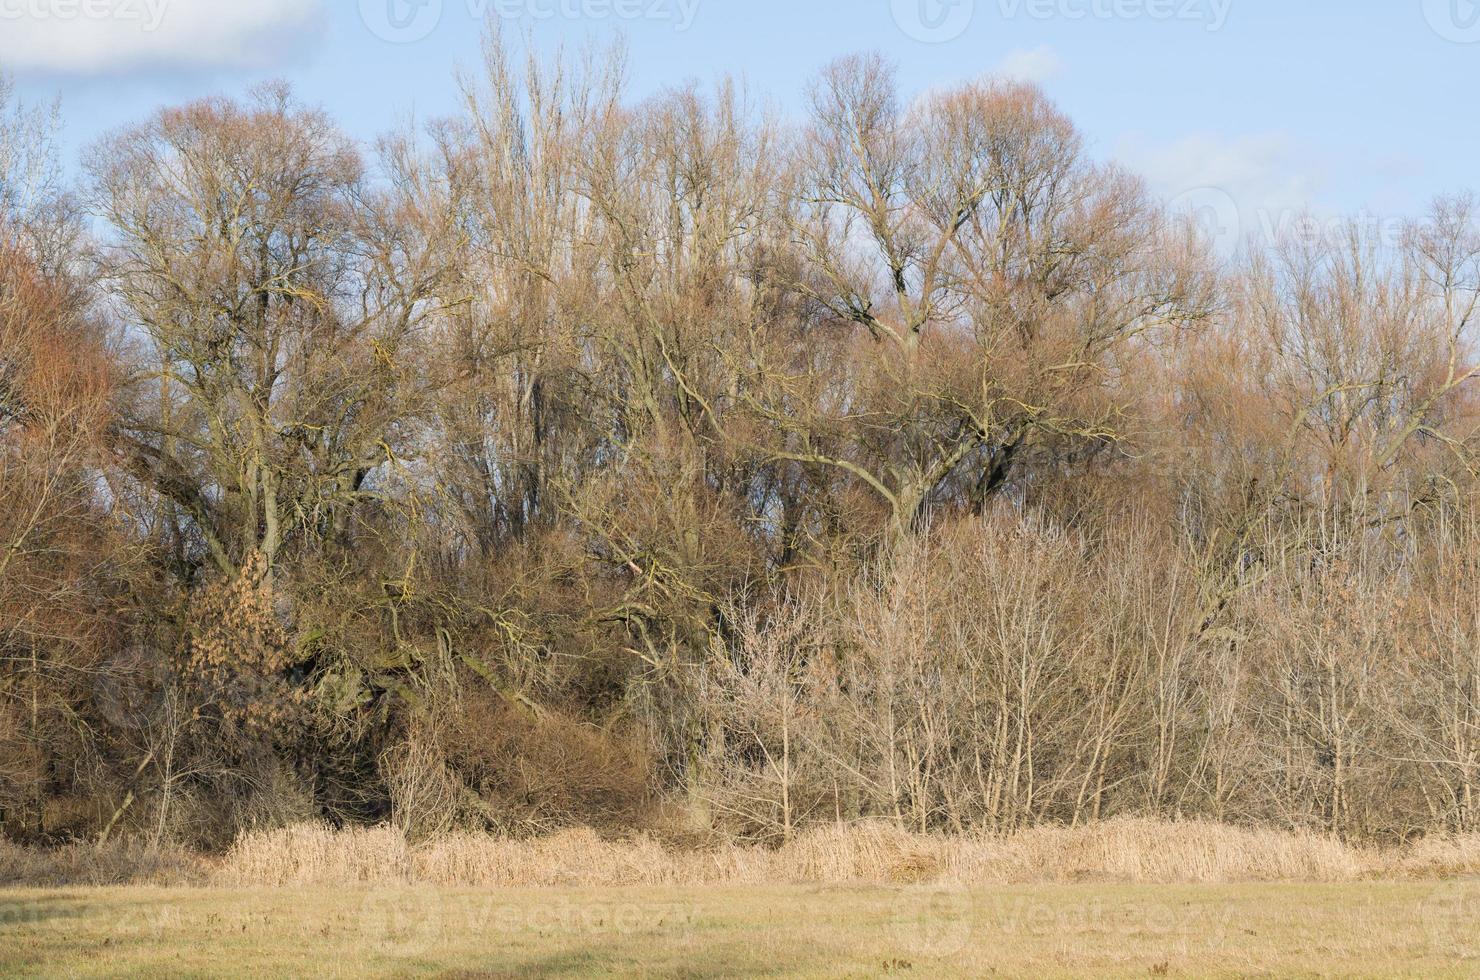 Dschungel der Zweige foto